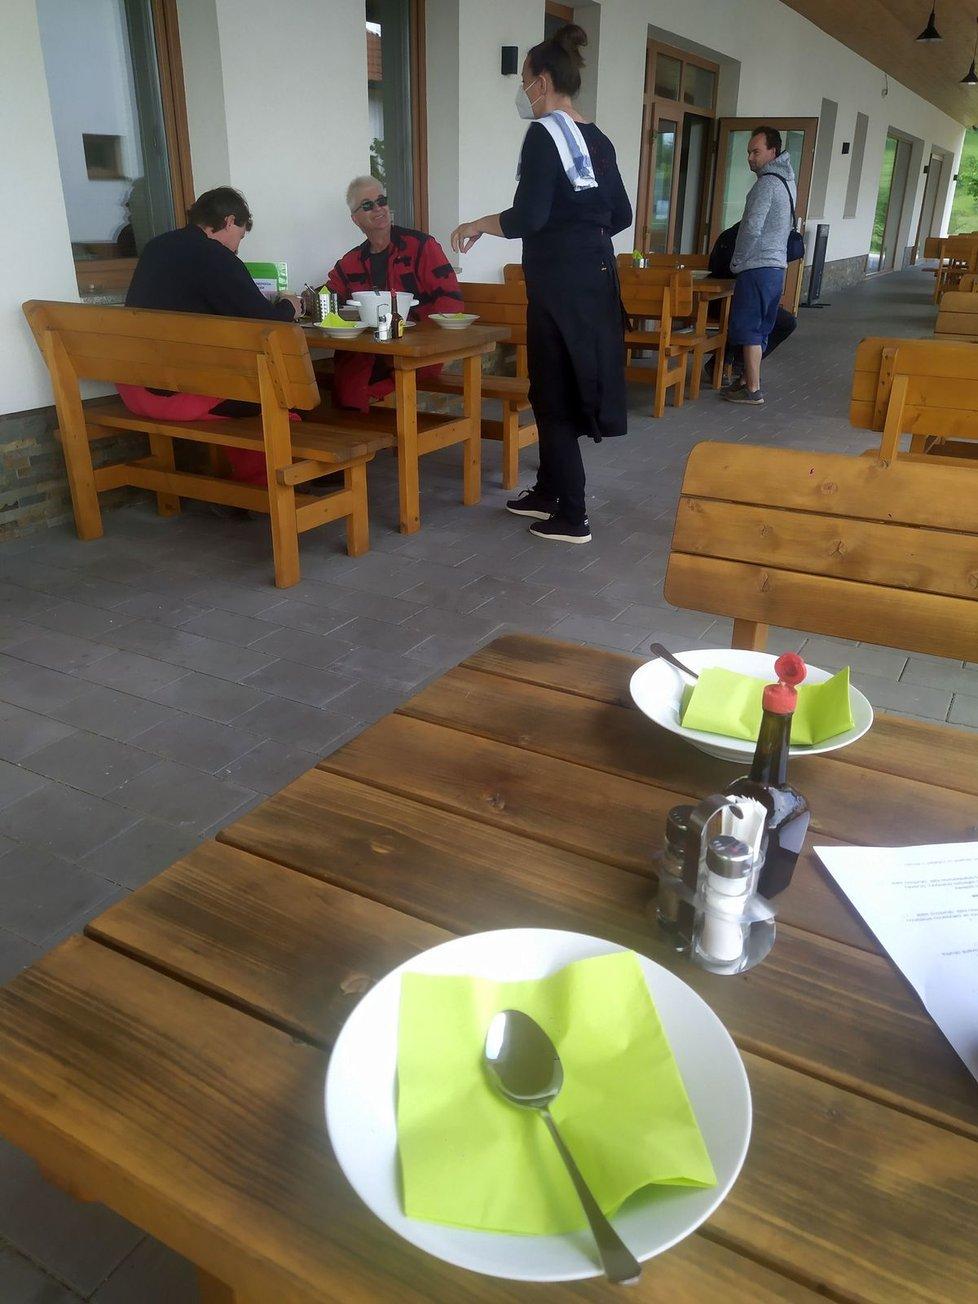 První návštěvníci v restauraci si v pondělí pochutnávali na kulajdě. K výběru z menu pak měli dvě jídla.